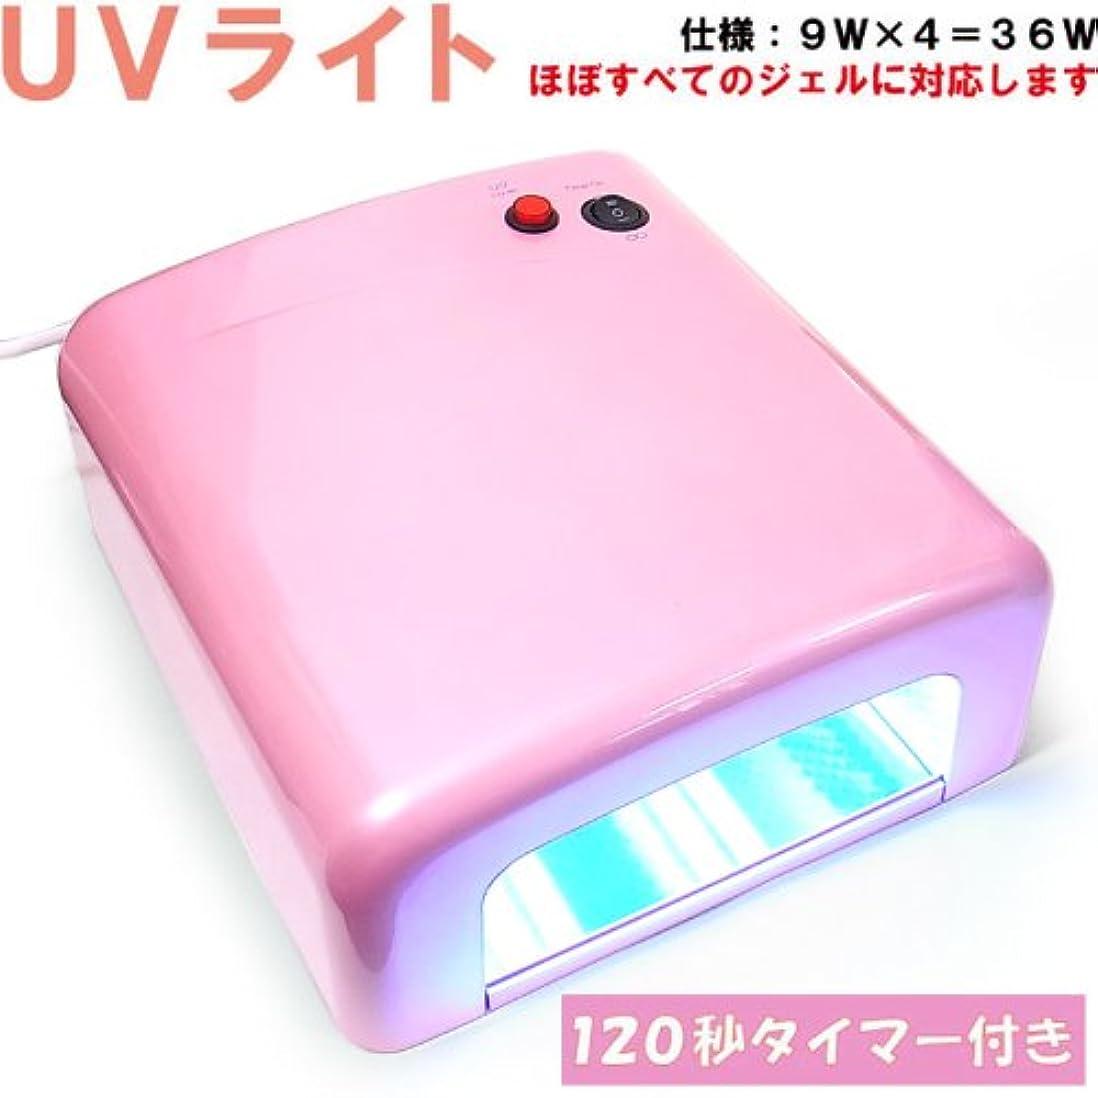 ちょっと待って偶然の決してジェルネイル用UVライト36W(電球9W×4本付き)UVランプ【ピンク】